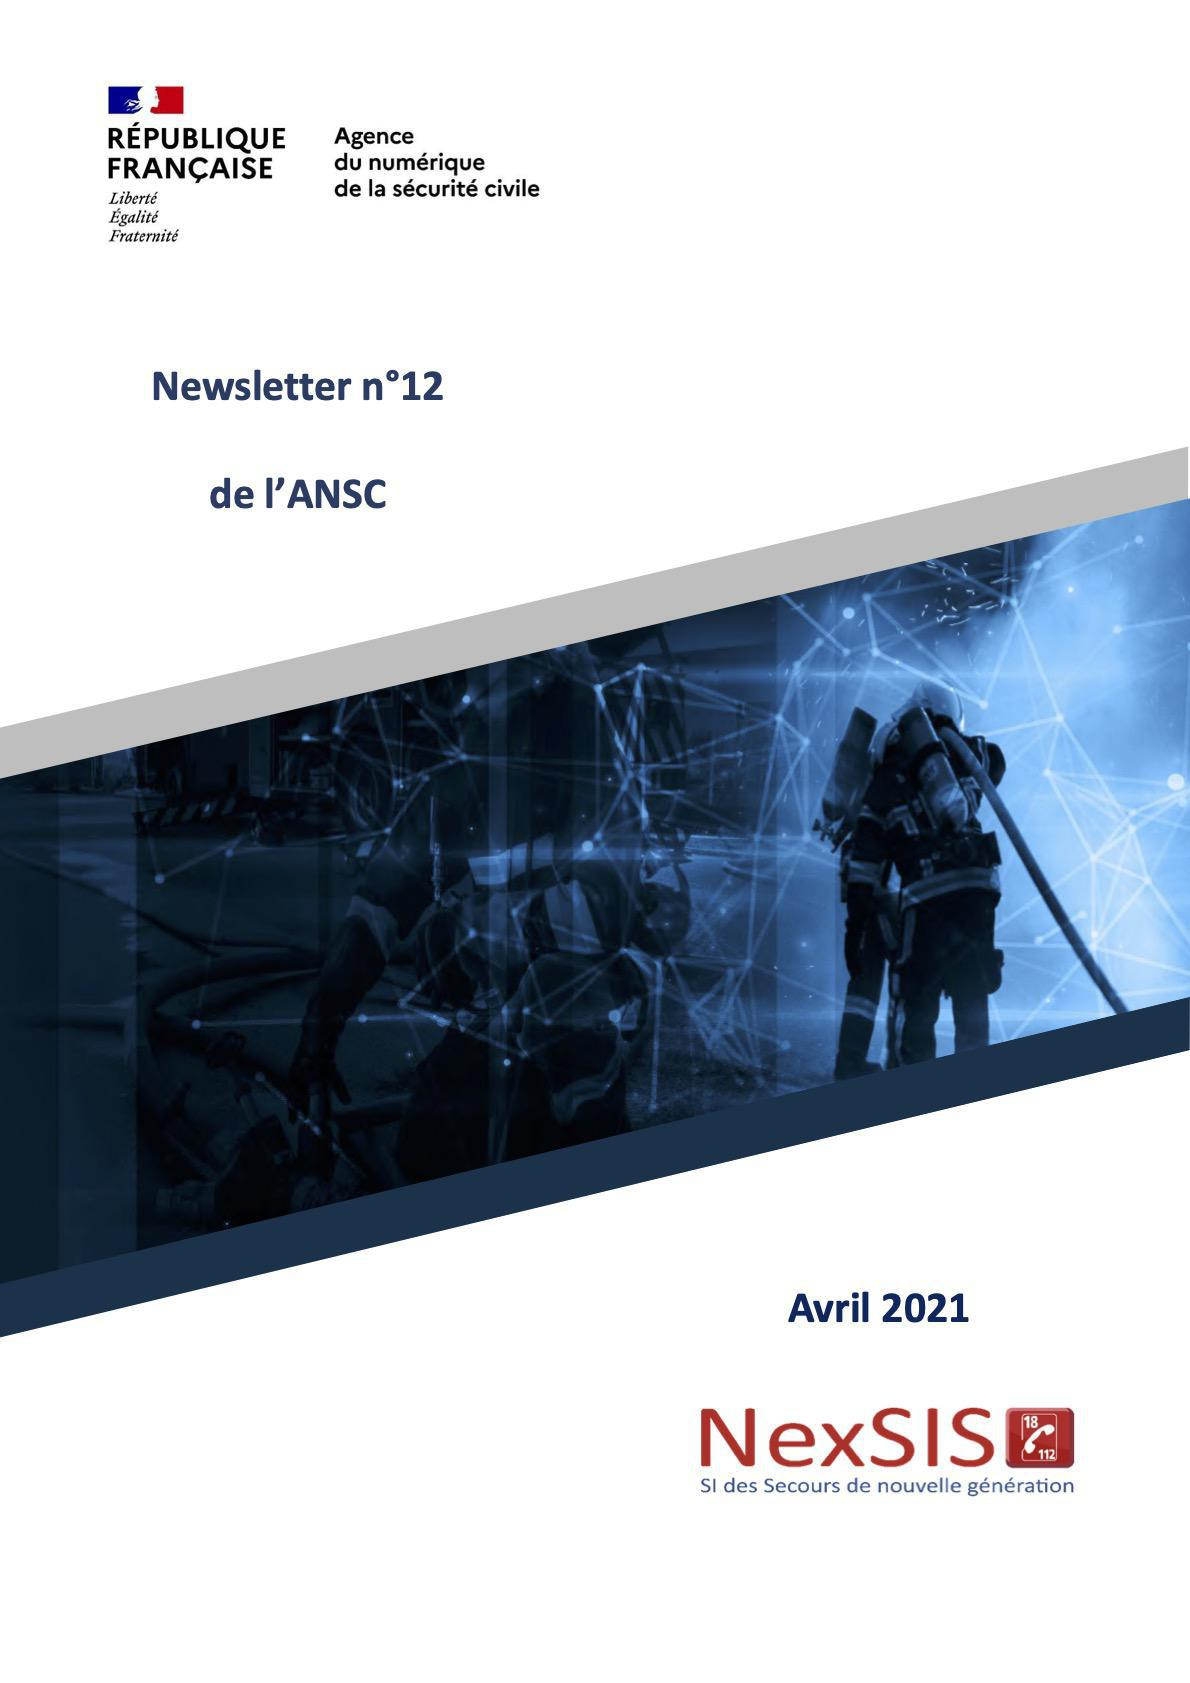 Newsletter n°12 de l'ANSC - Avril 2021